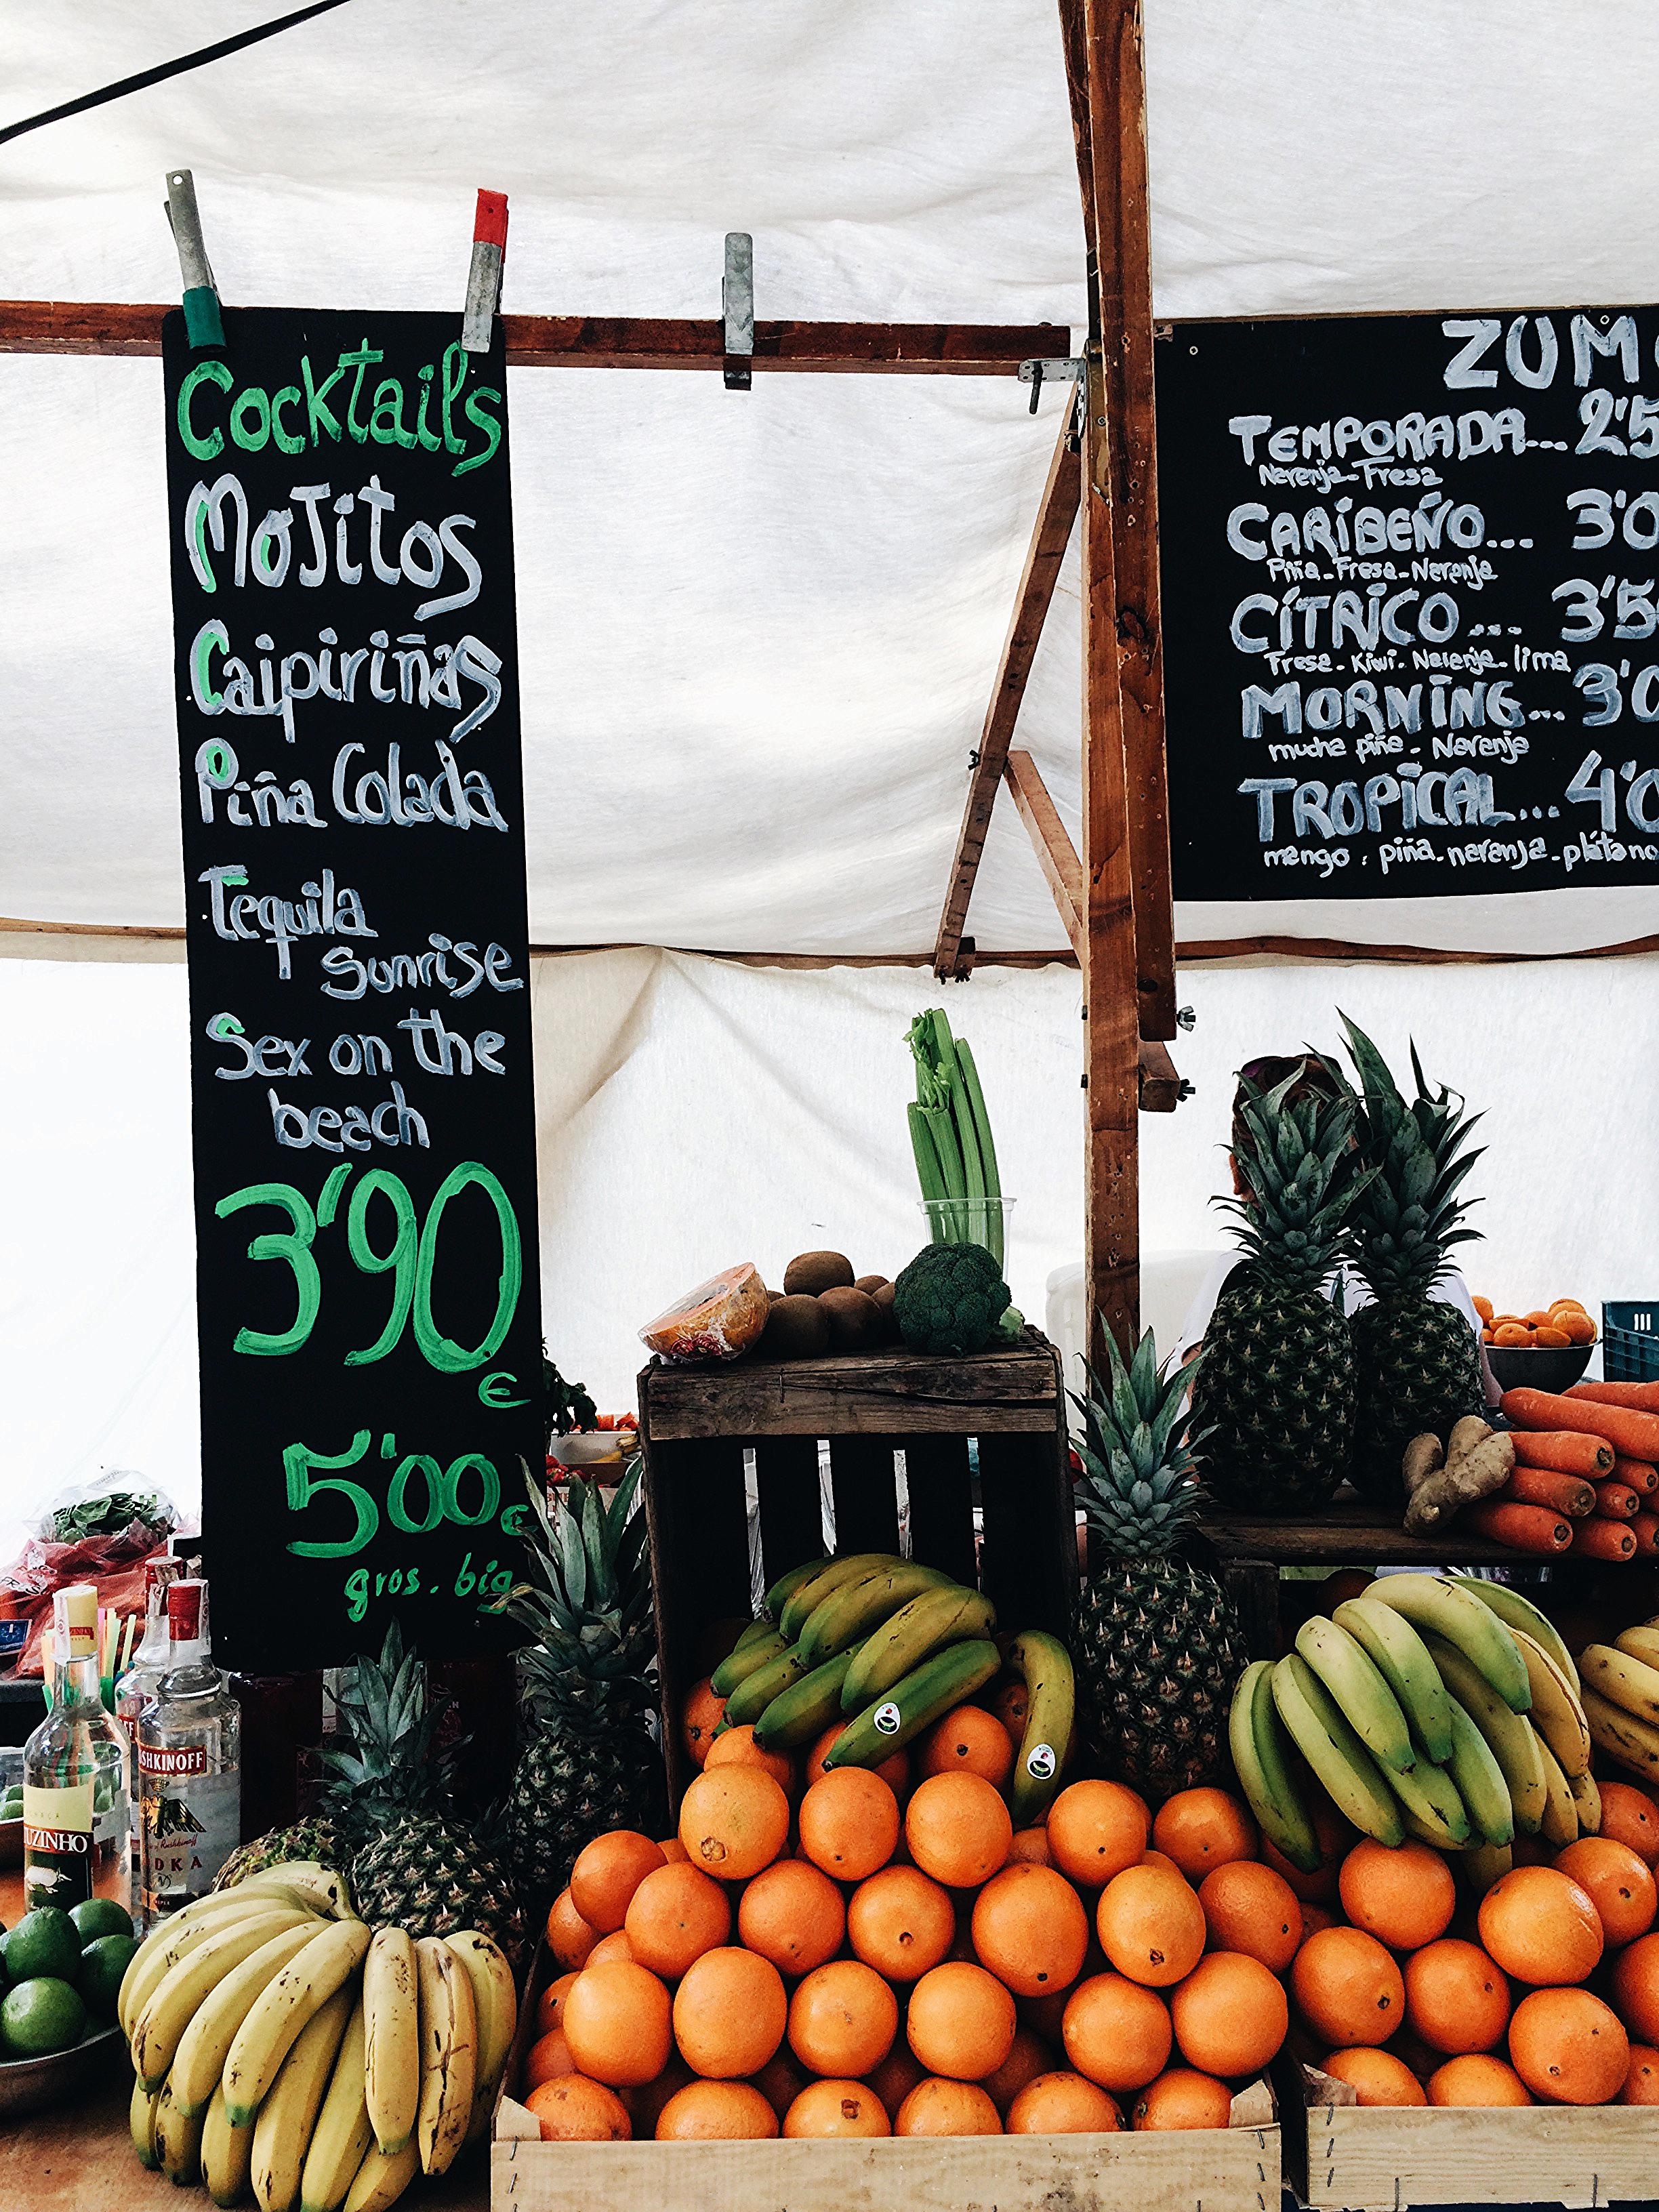 Market in Palma de Mallorca